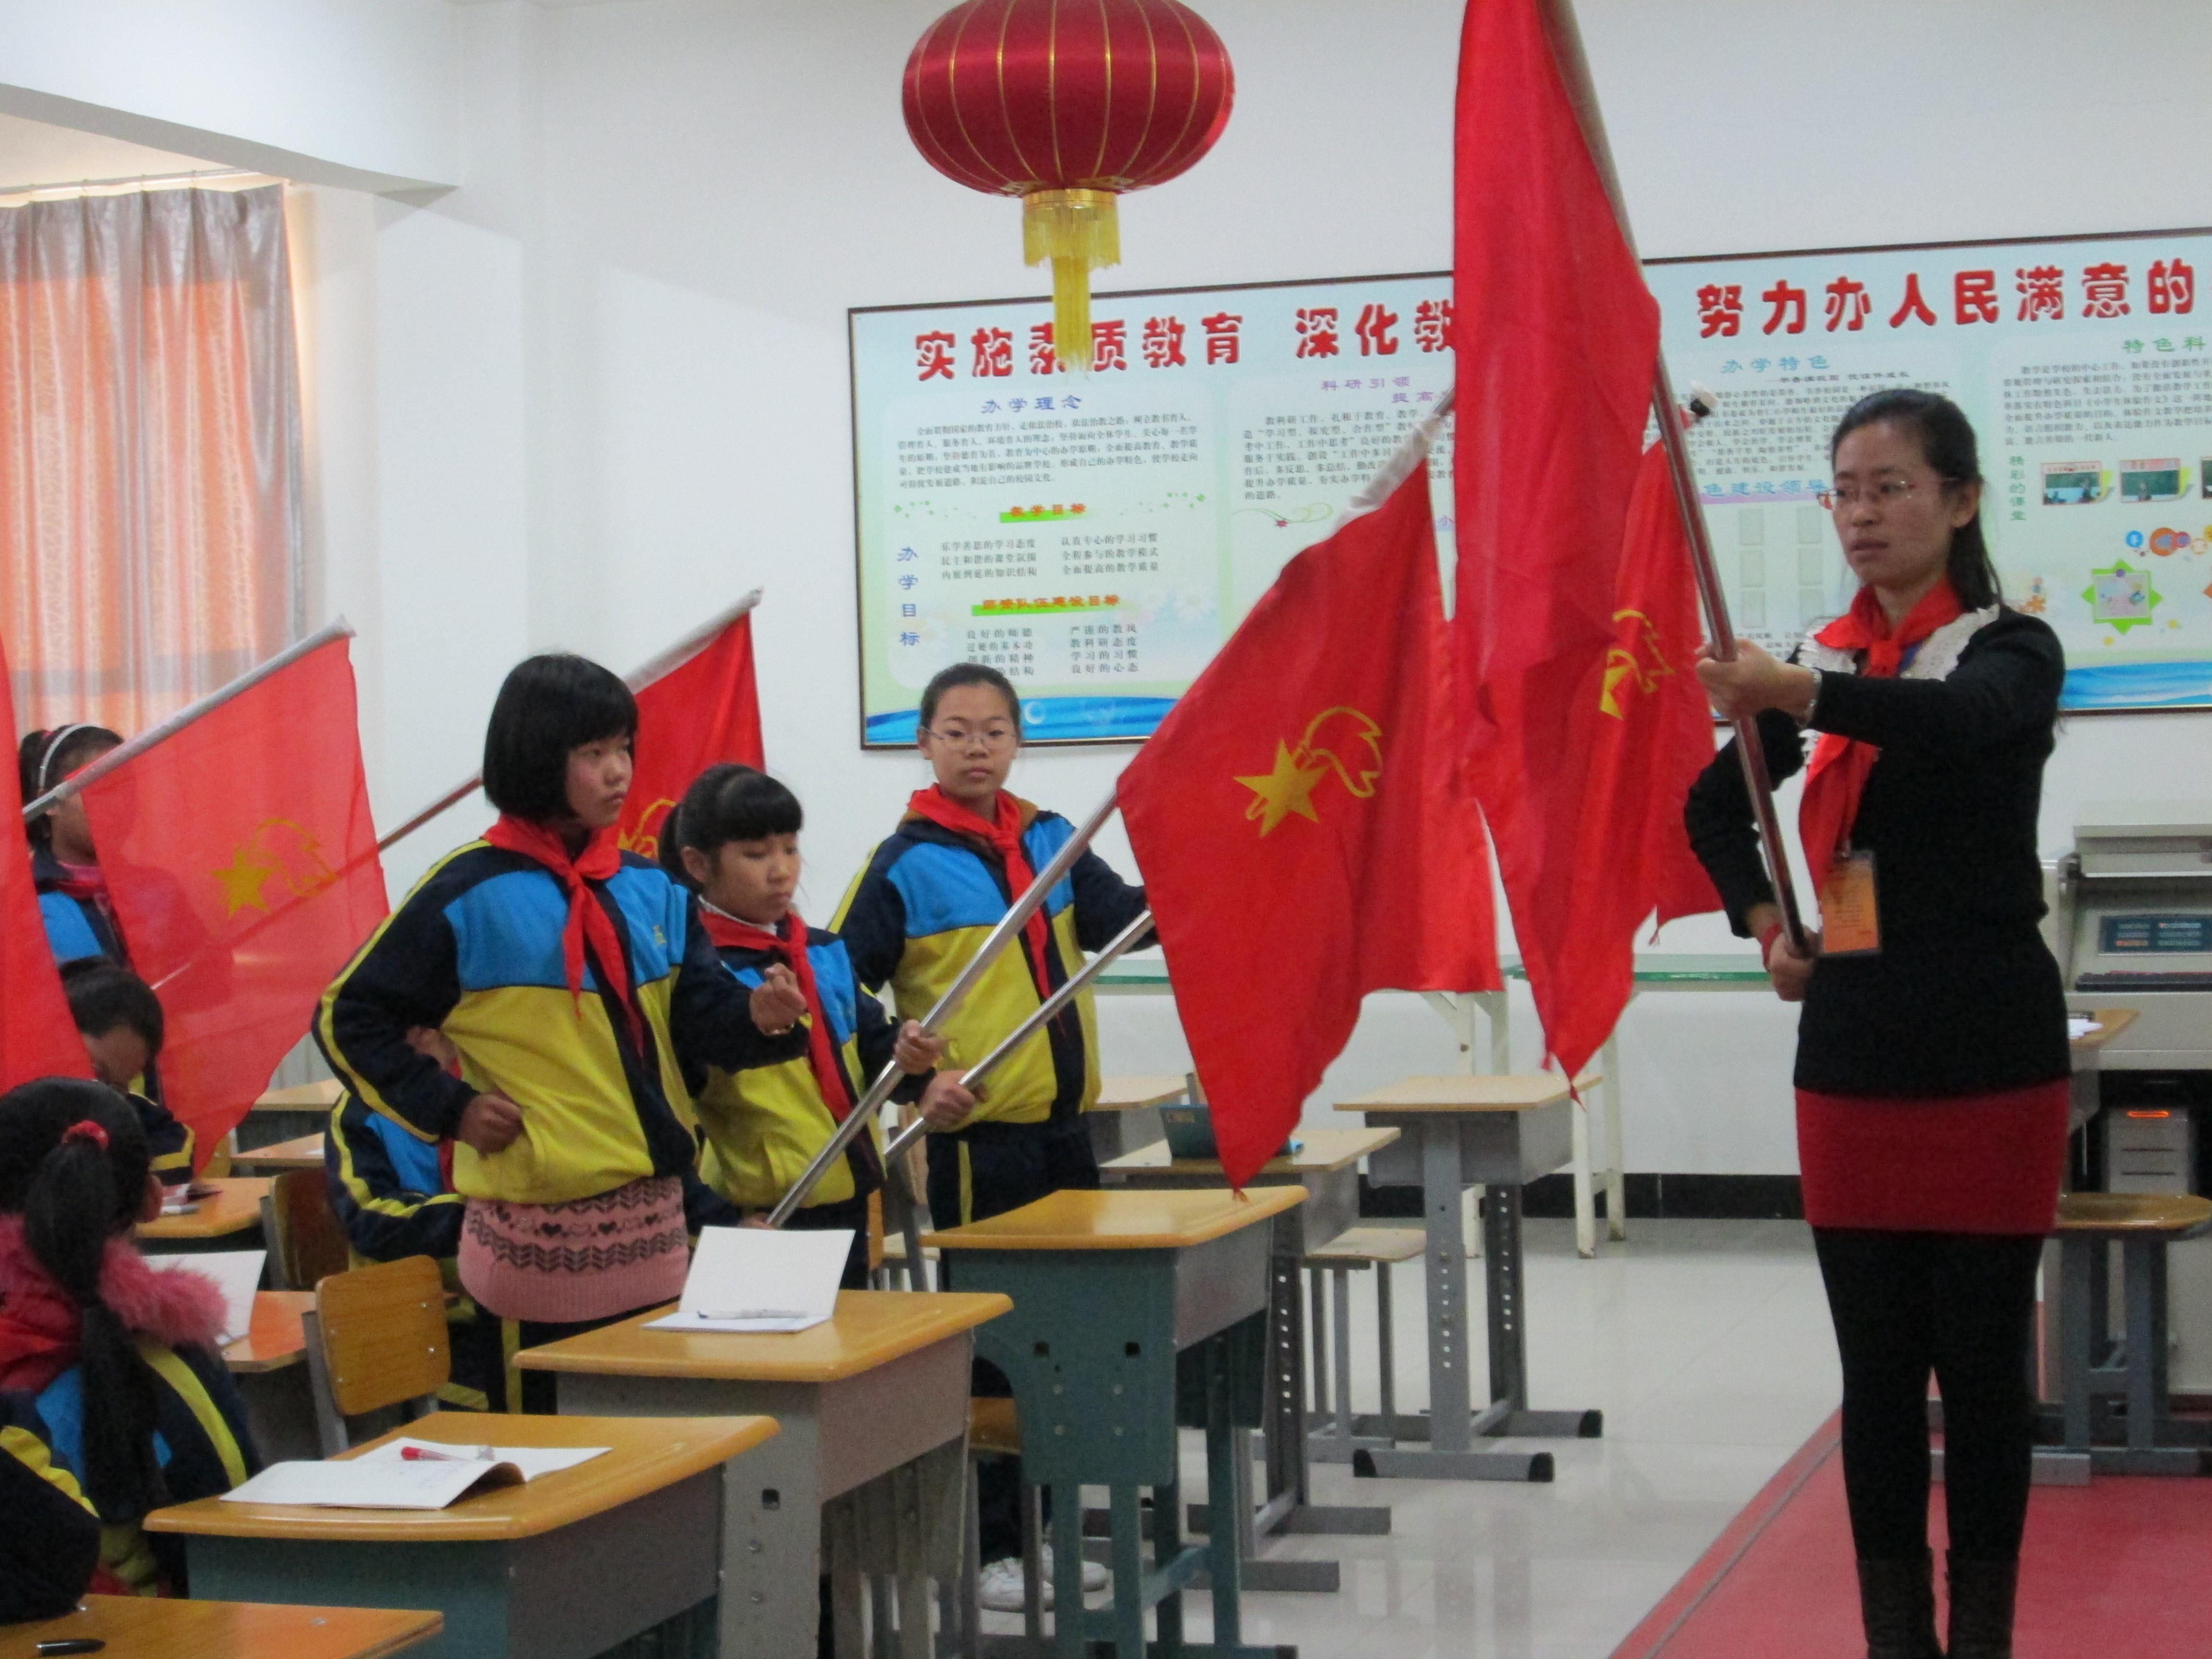 五原县育仁小学进行大中队干部培训